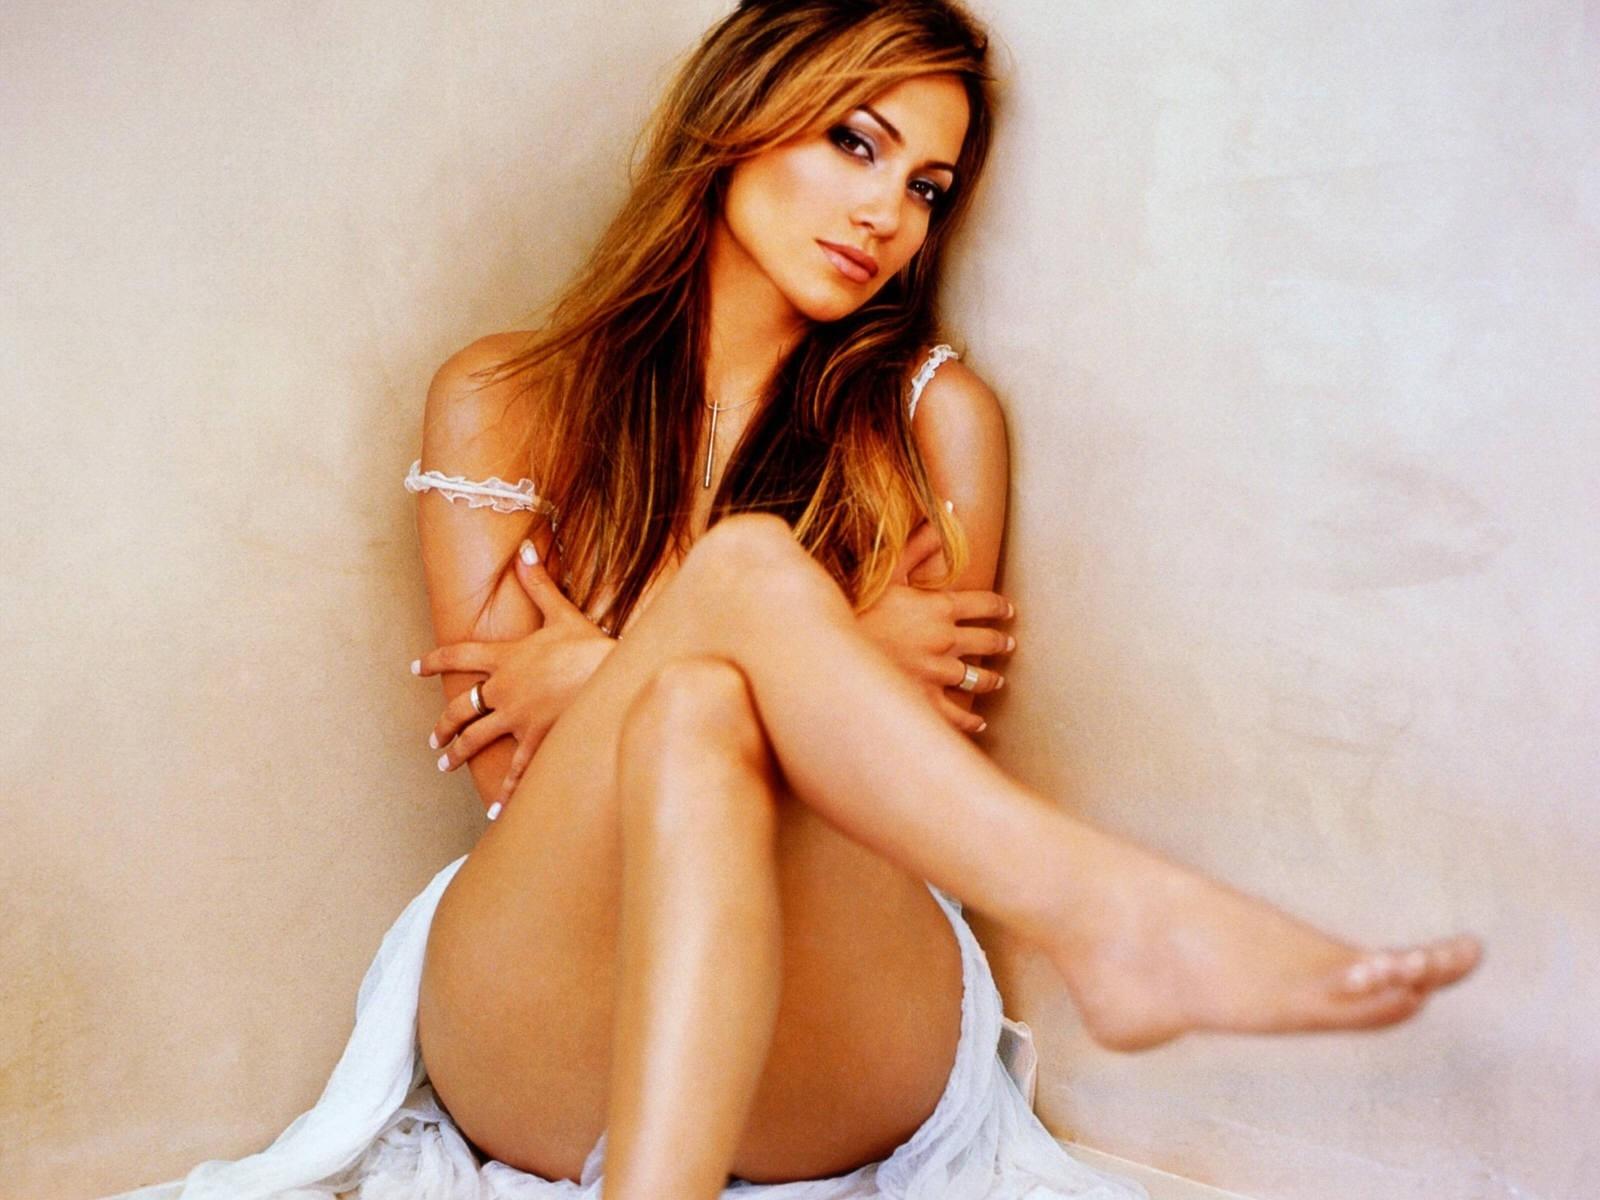 Wallpaper di Jennifer Lopez - la cantante e attrice americana è nata il 24 luglio del '69 sotto il segno del Leone